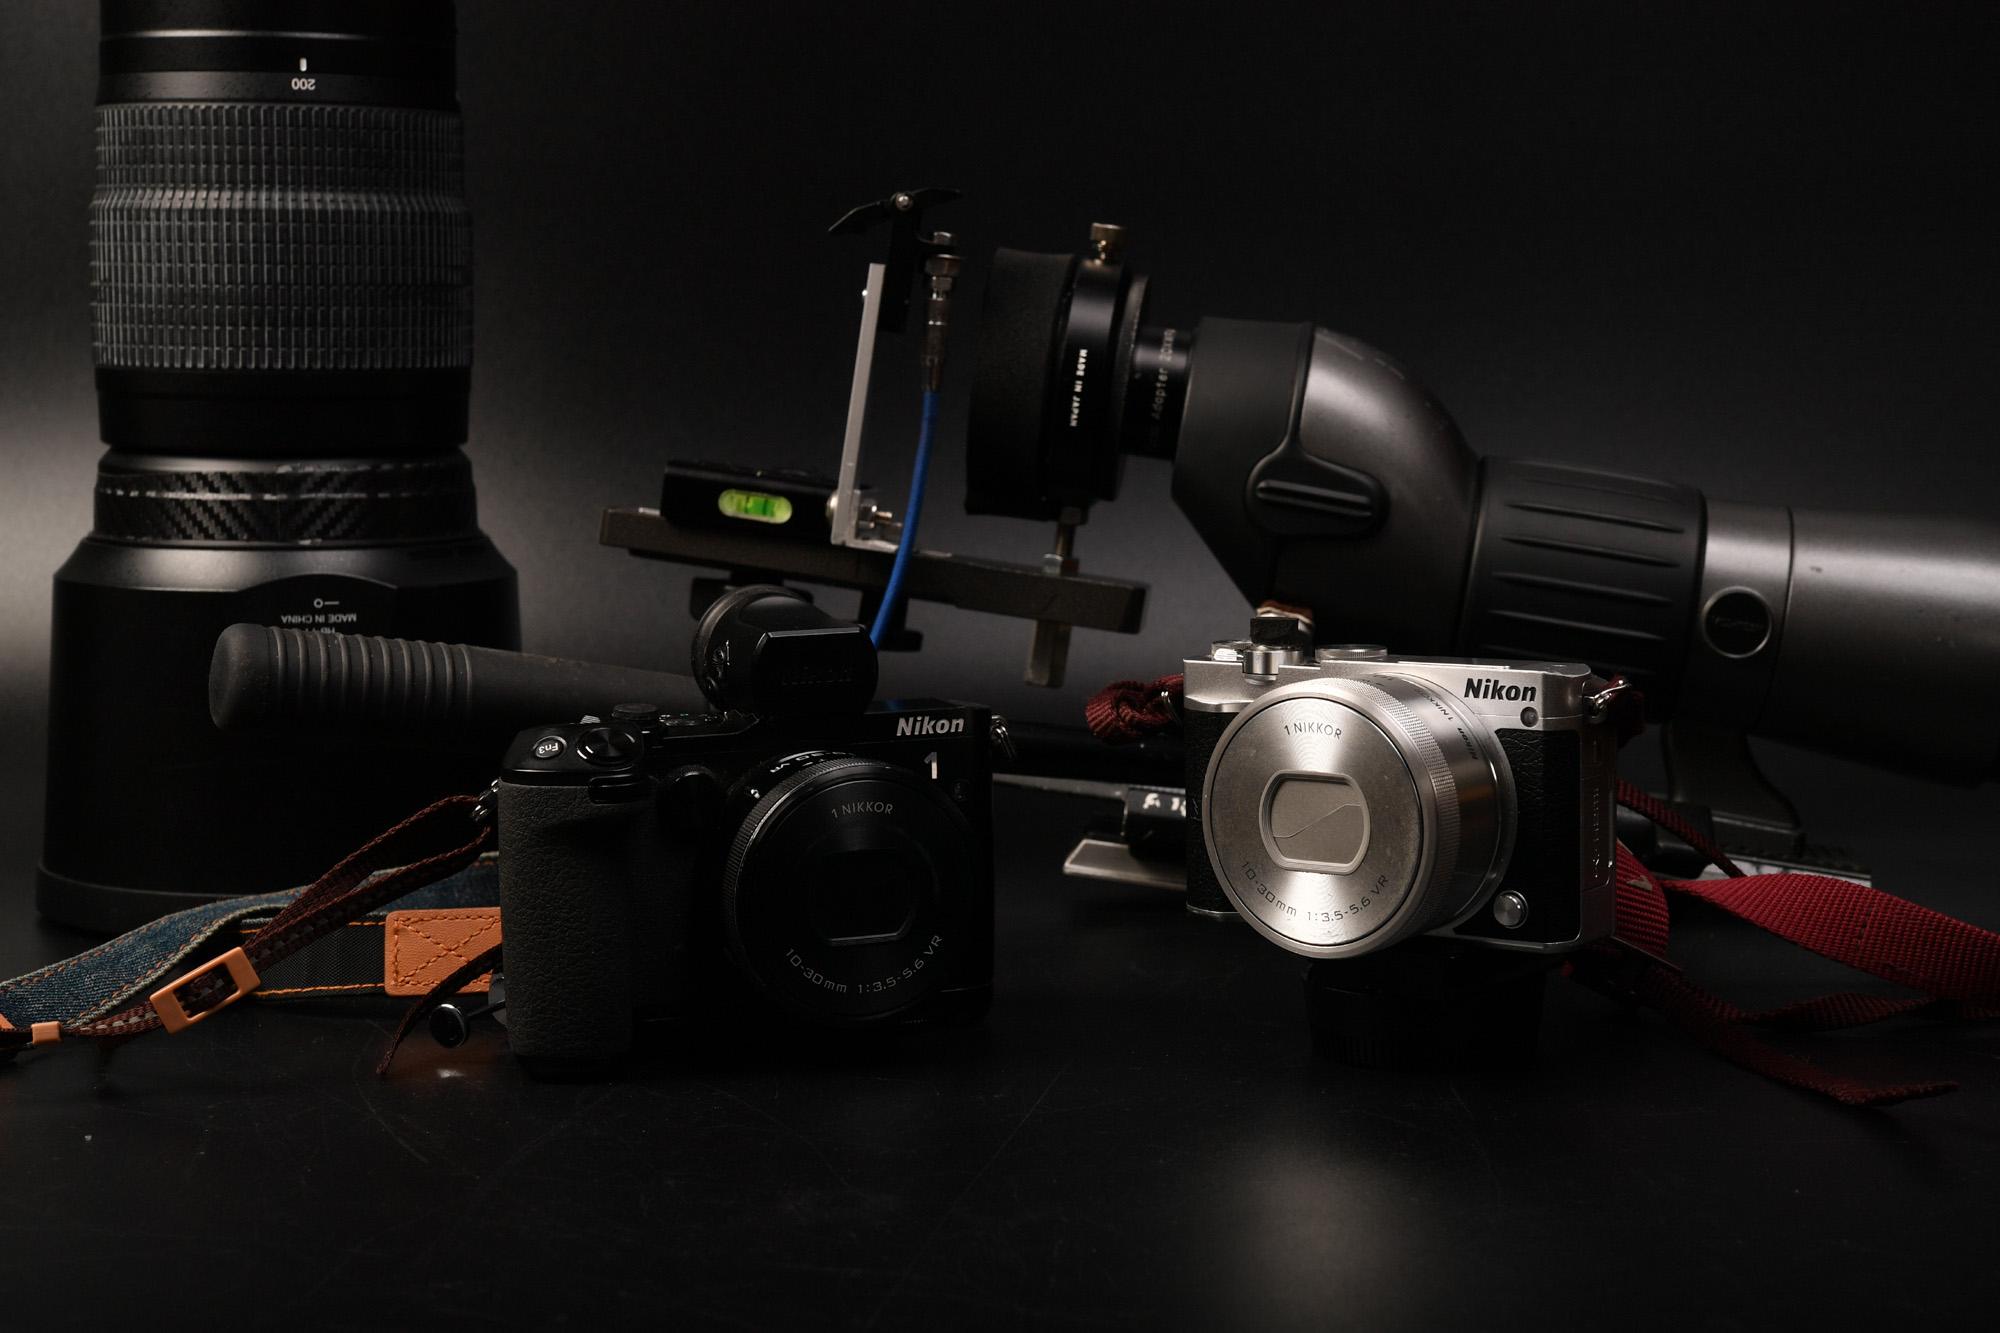 ベストモーメントキャプチャー Nikon1 V3 J5 時間が戻って撮れてしまう機能!